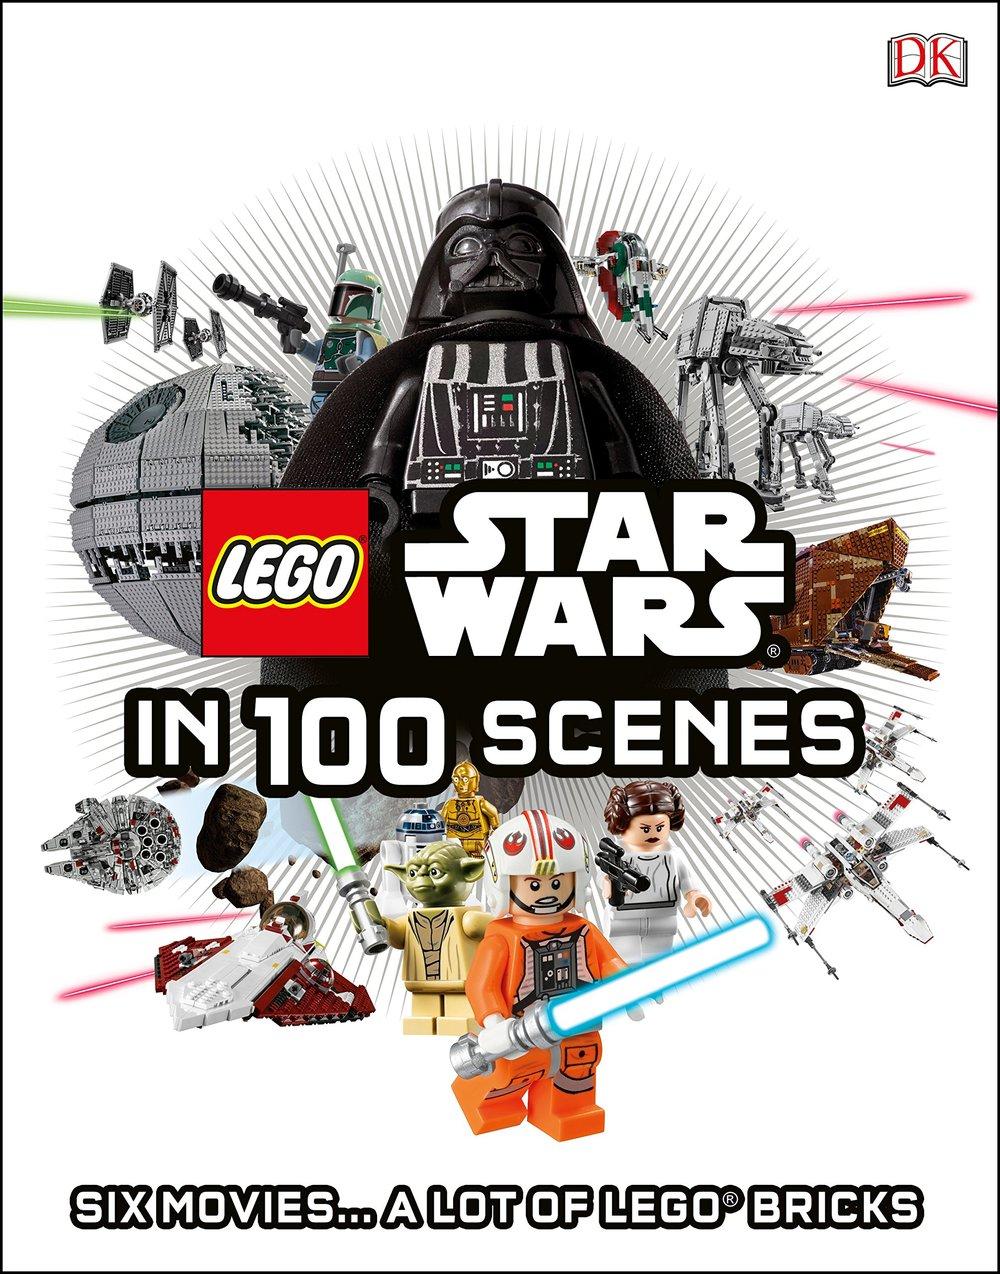 DK_Star_Wars_100_Scenes.jpg